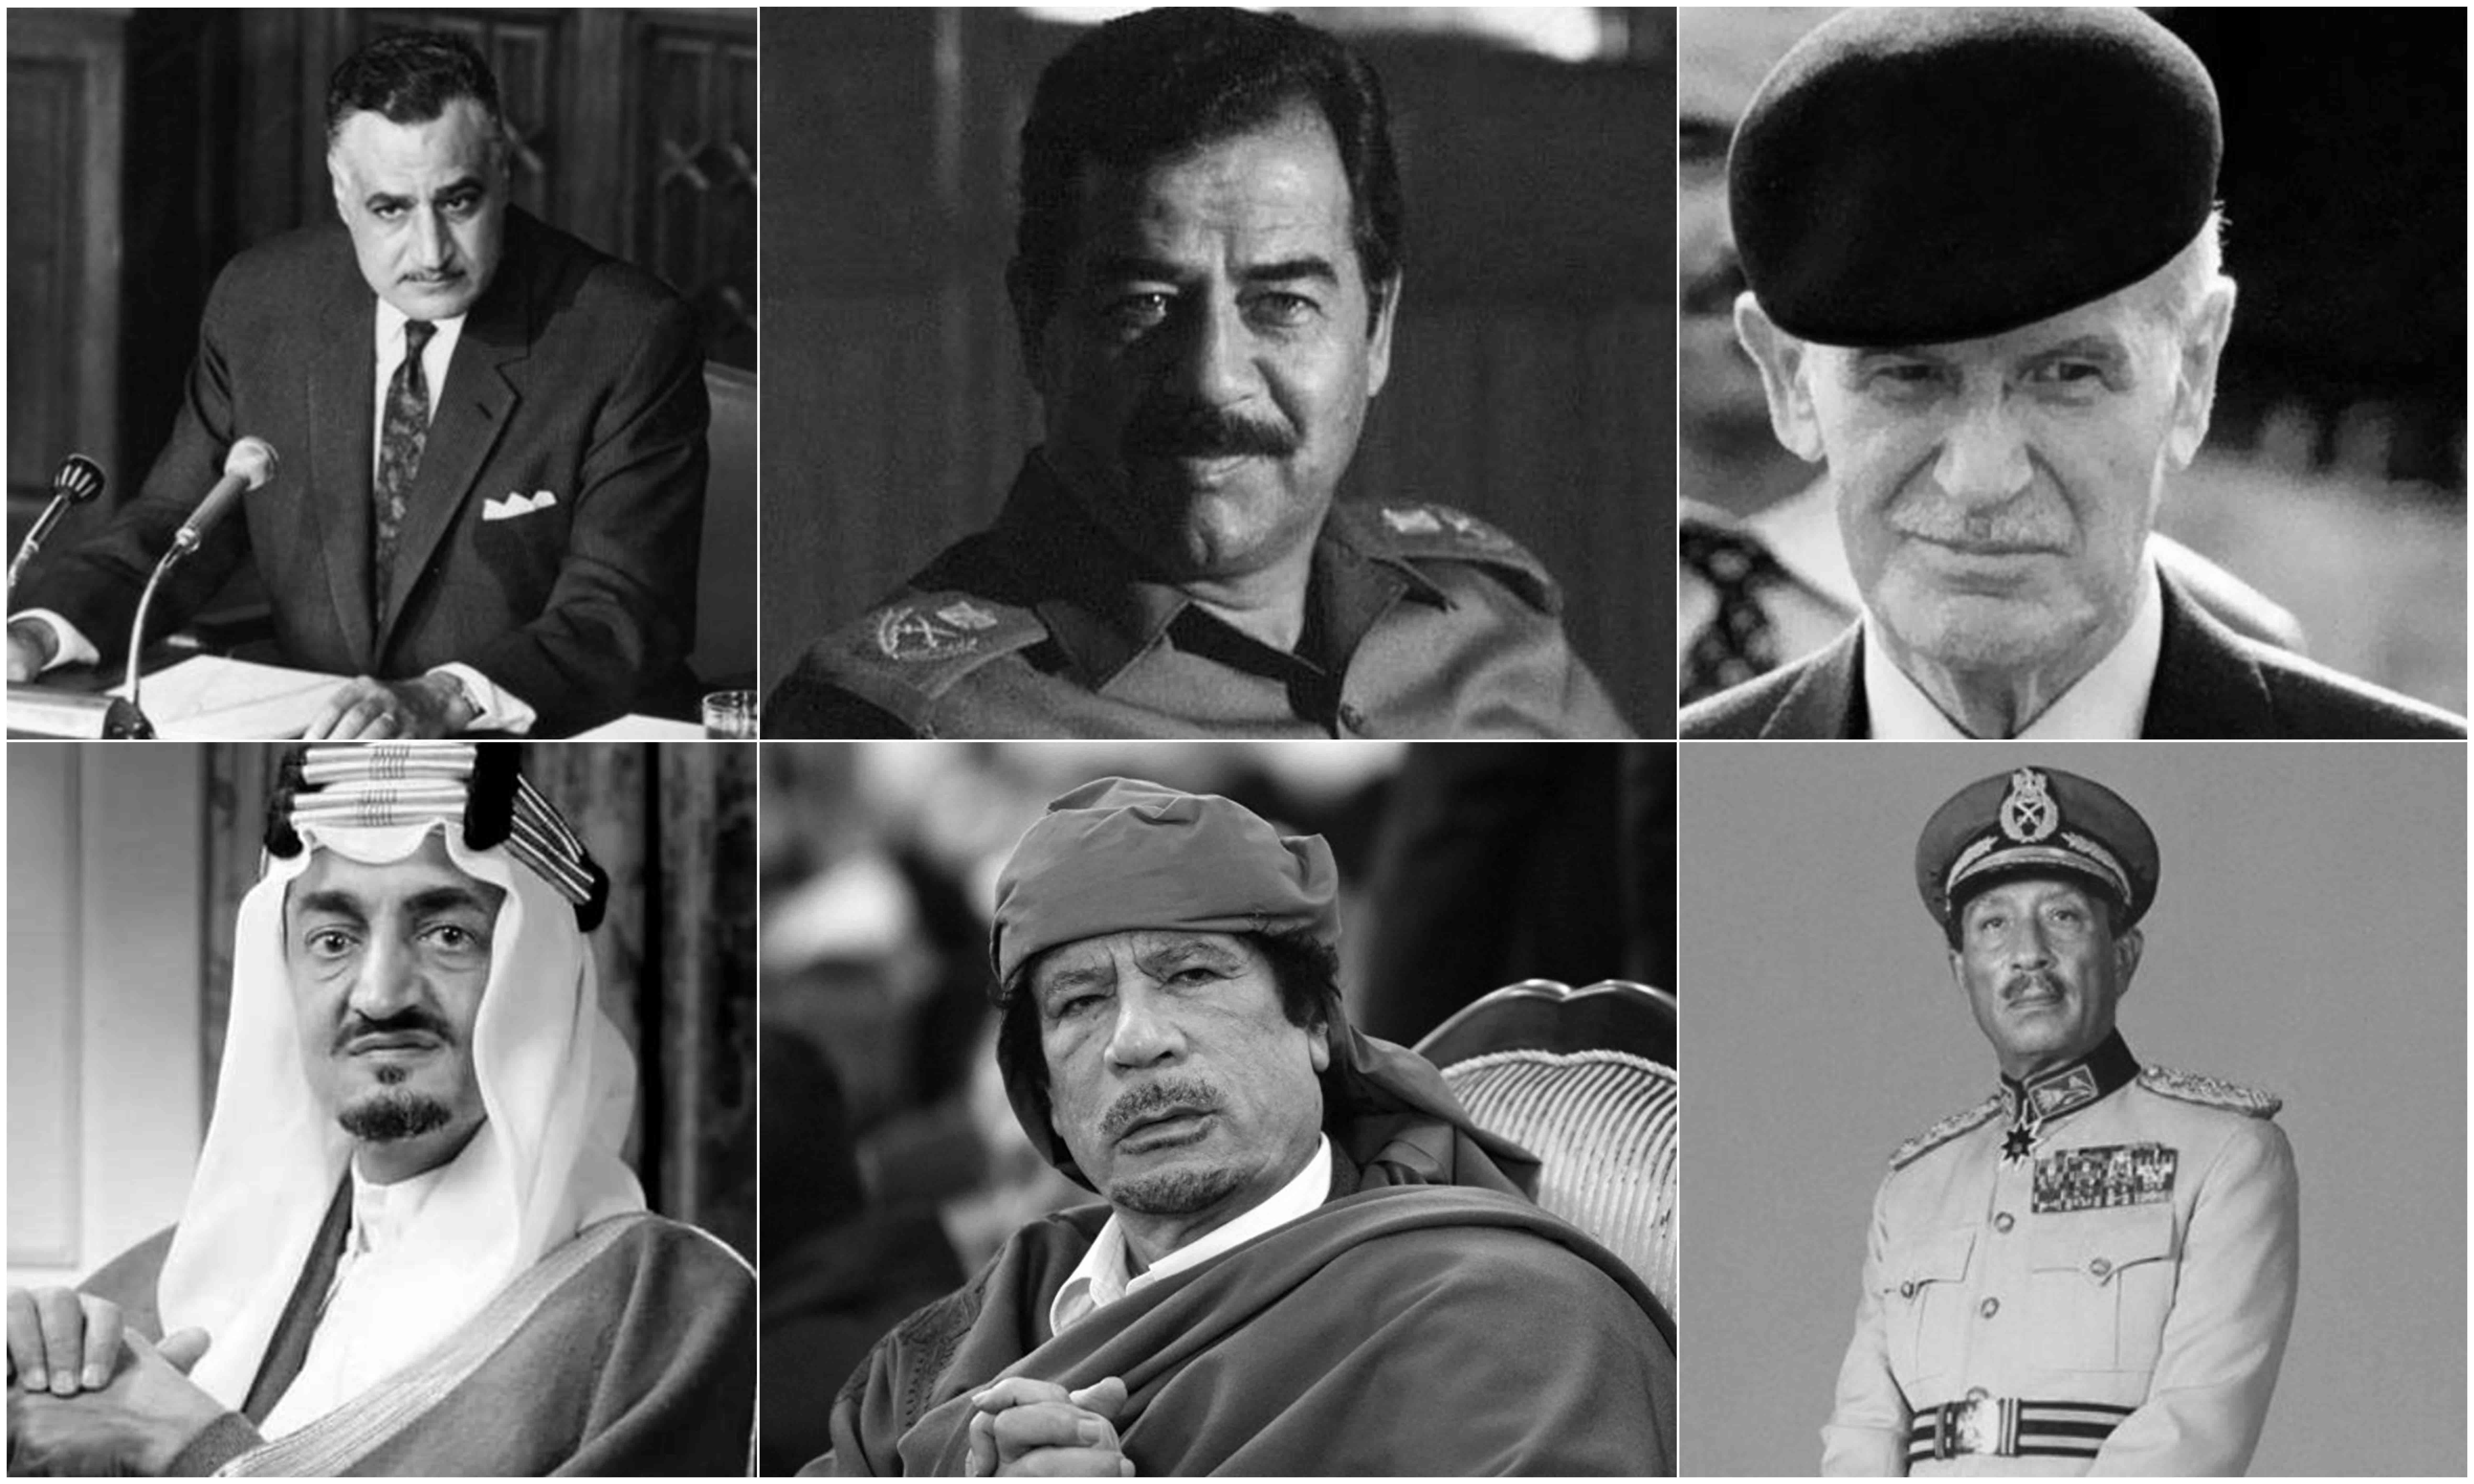 حافظ الأسد- صدام حسين- جمال عبد الناصر- أنور السادات- معمر القذافي- الملك فيصل آل سعود (تعديل عنب بلدي)